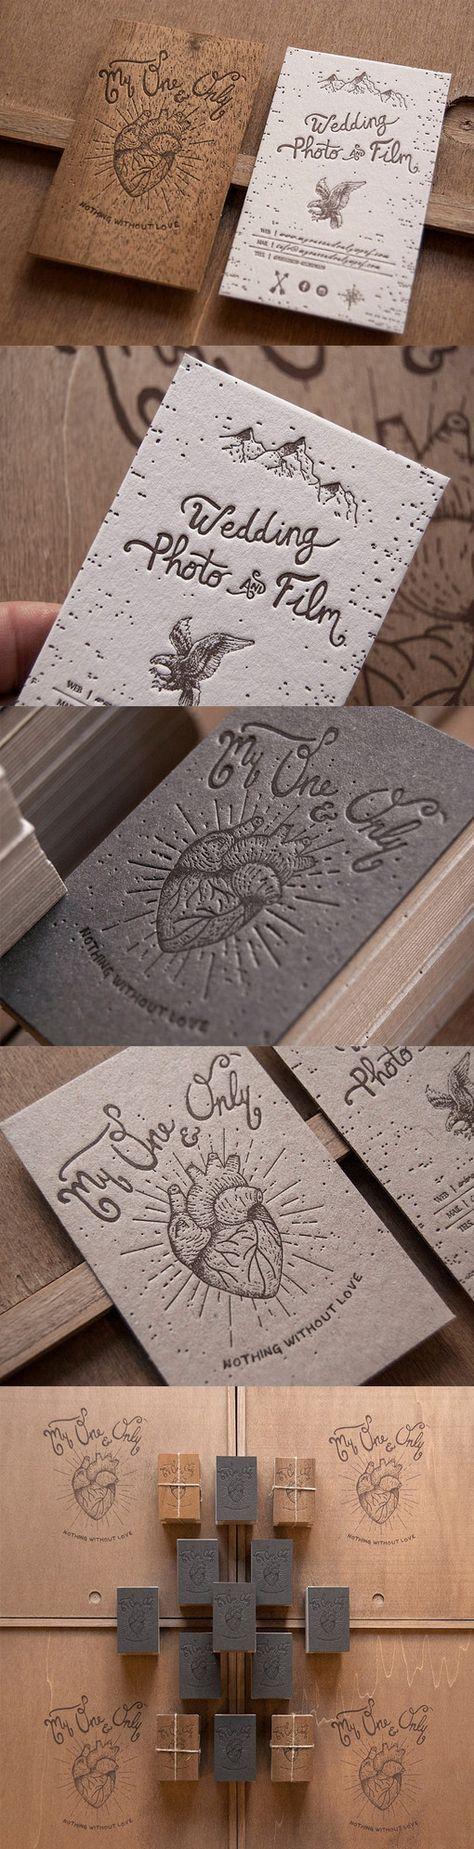 Inspiração para #Cartão de #Visita - Laser Etched Layered Wooden Business Card For A Wedding Photographer